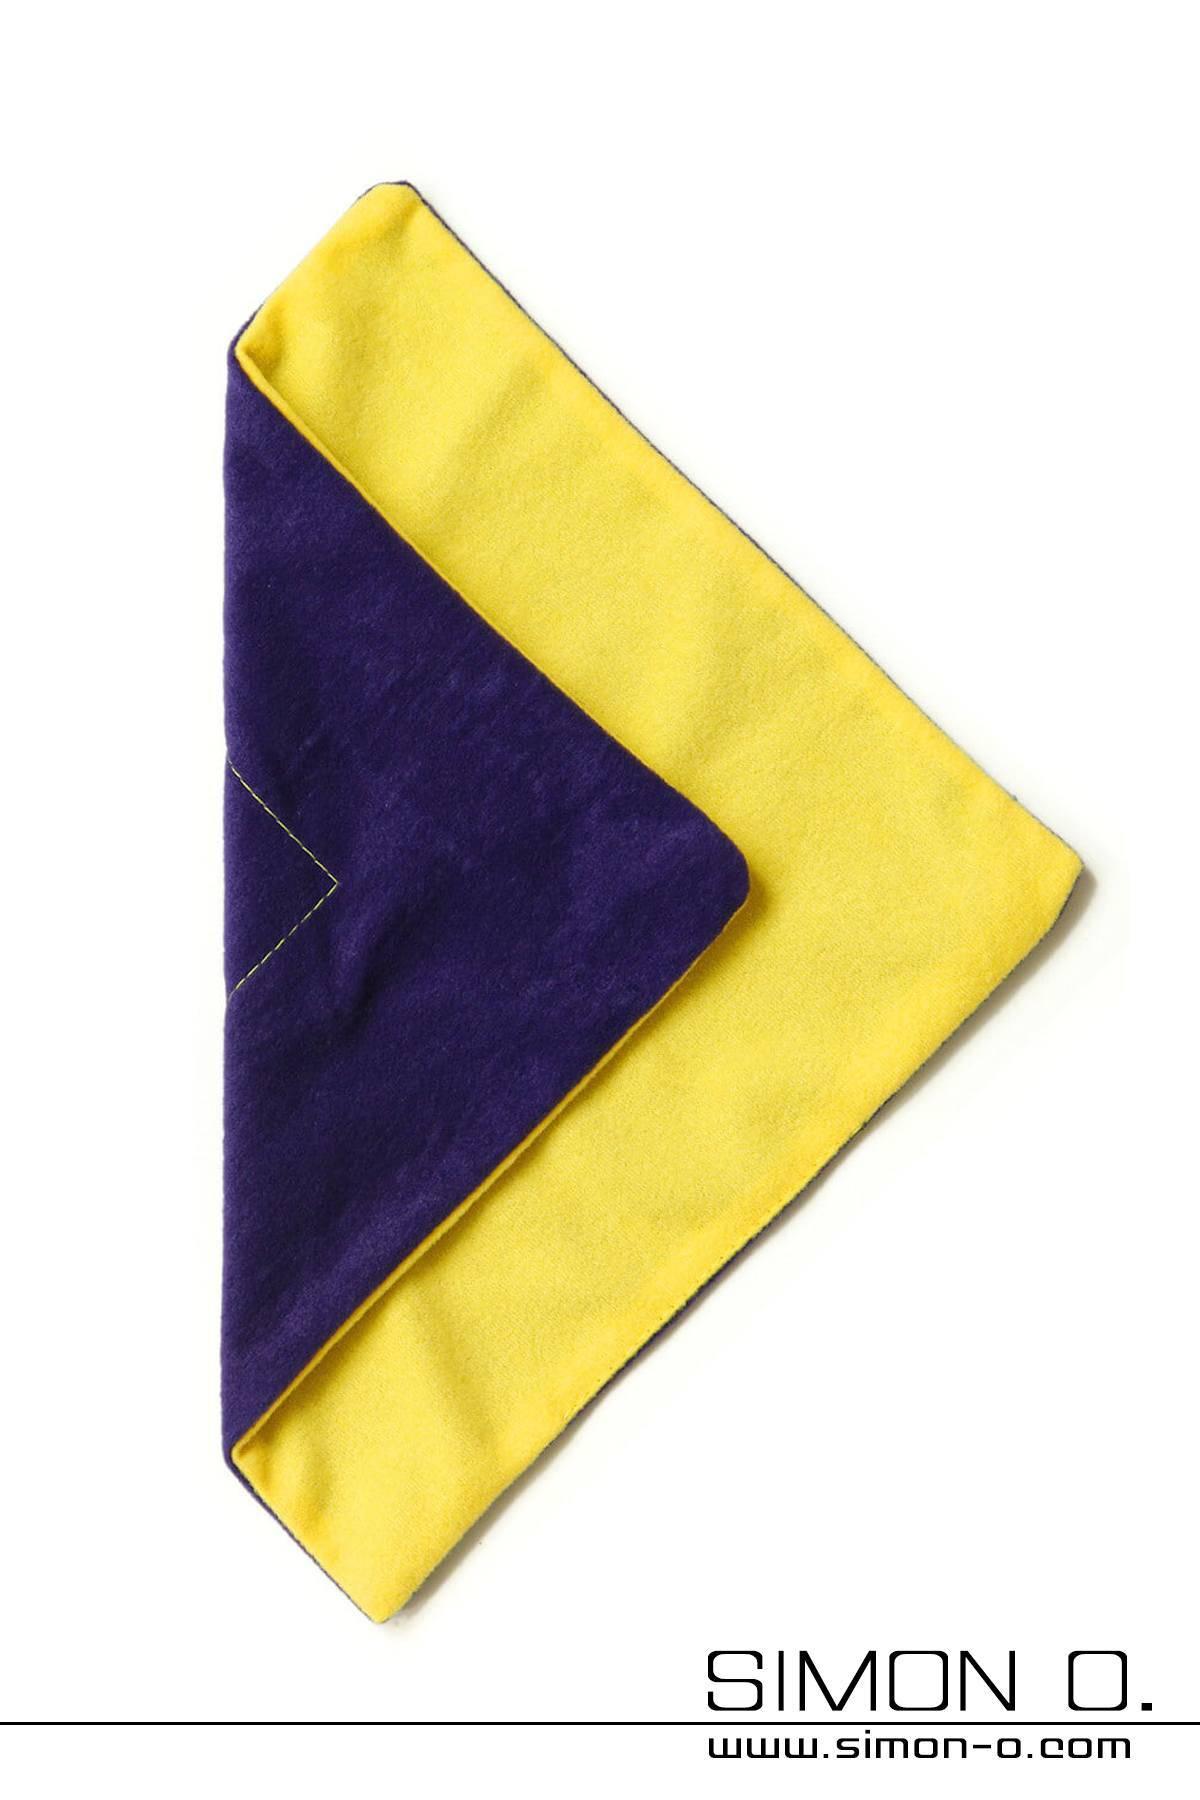 Polishing cloth for shiny latex clothing by Vivishine